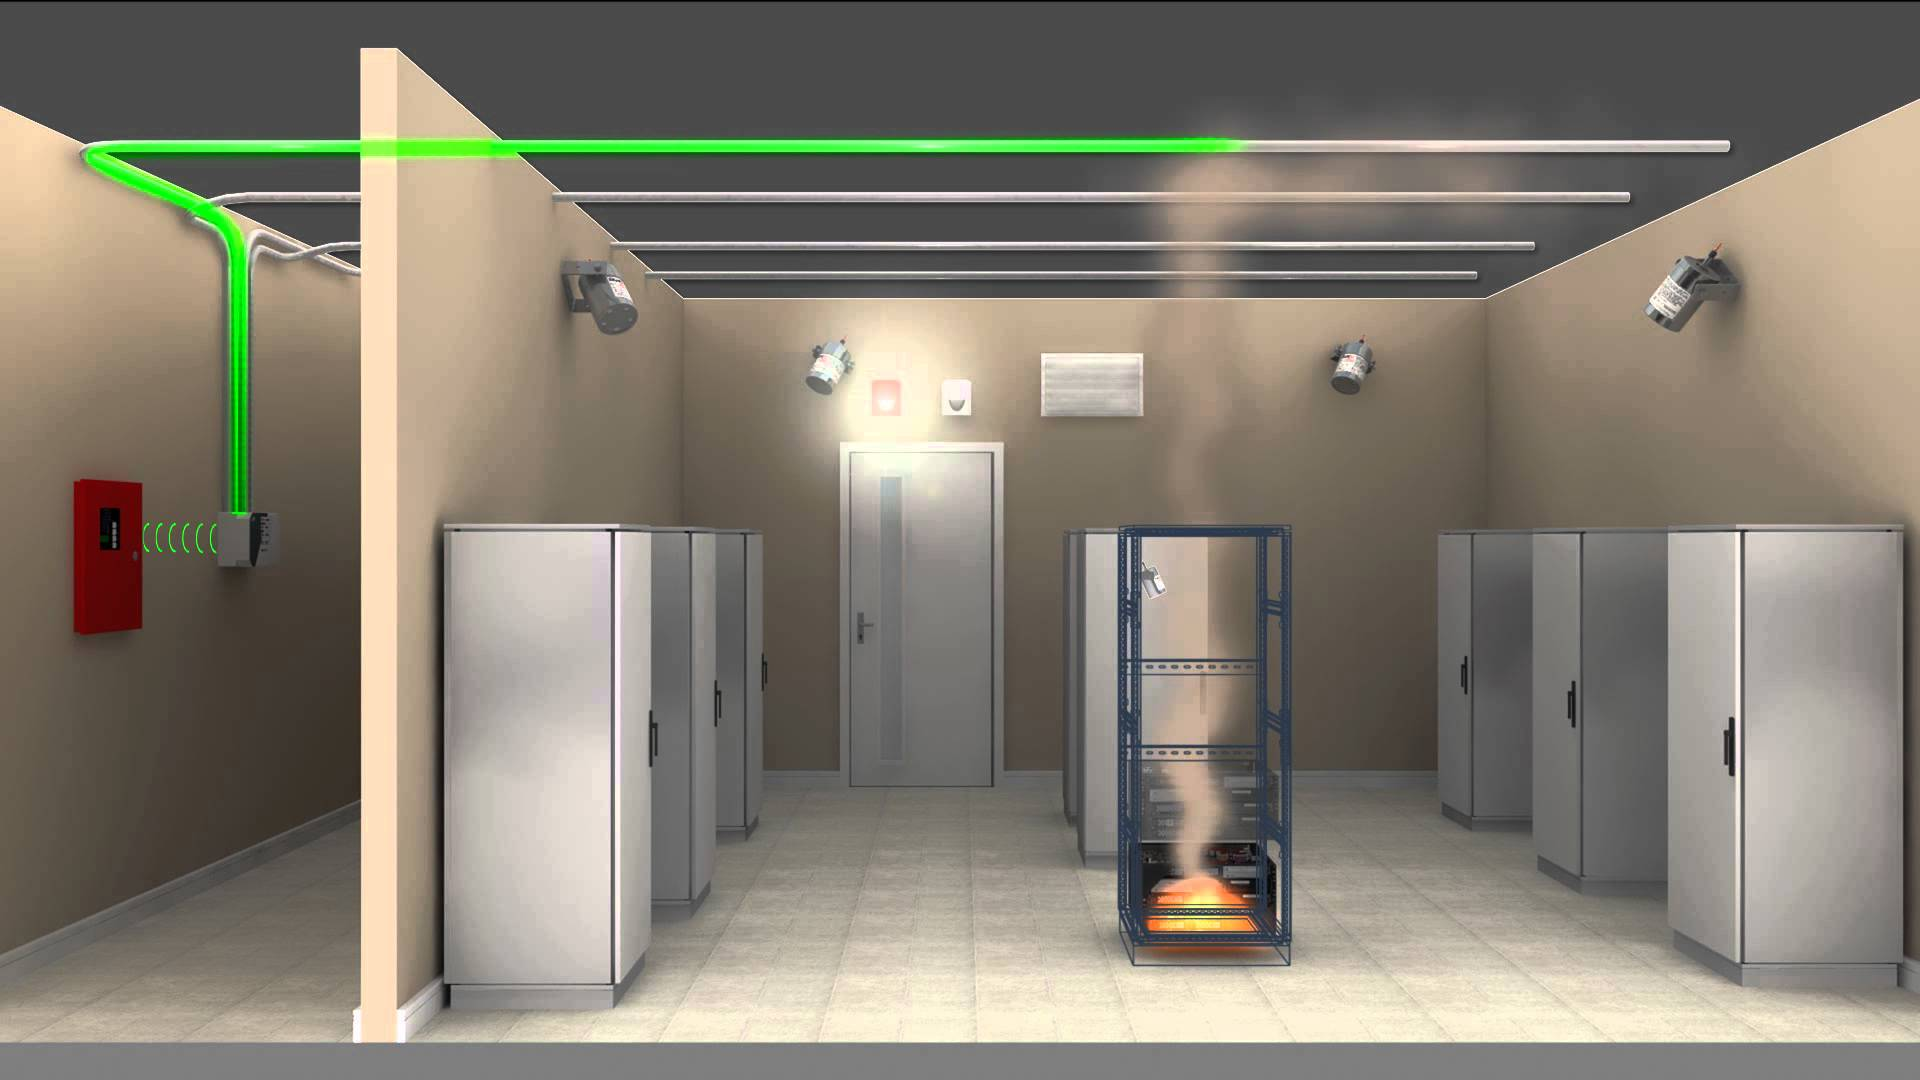 Aero K Fire Suppression Systems Peripherals Inc Denver